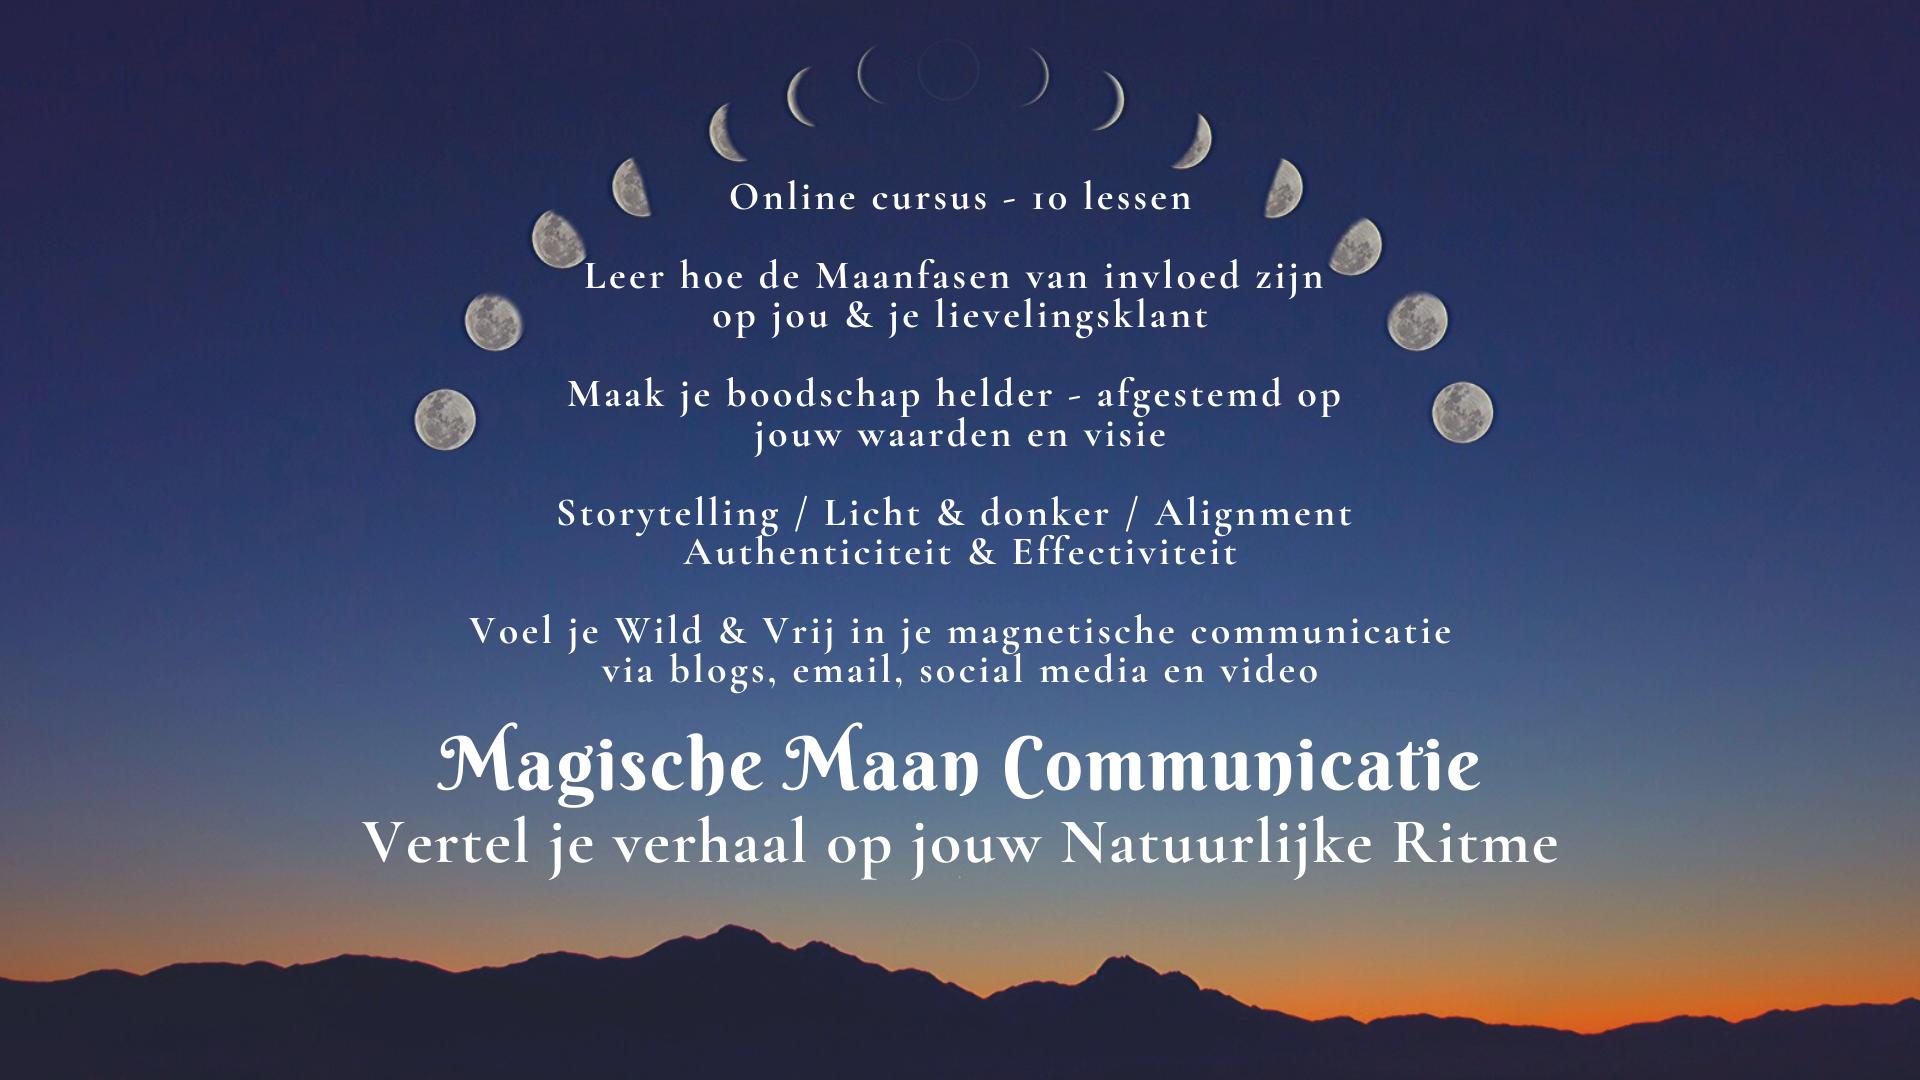 magische maan communicatie online training - voor vrouwelijke ondernemers die vanuit hun hart willen verbinden en content willen maken die magnetisch werkt op hun ideale klant. afgestemd op de maanfasen en het innerlijke natuurlijke ritme bedrijfsommunicatie maken